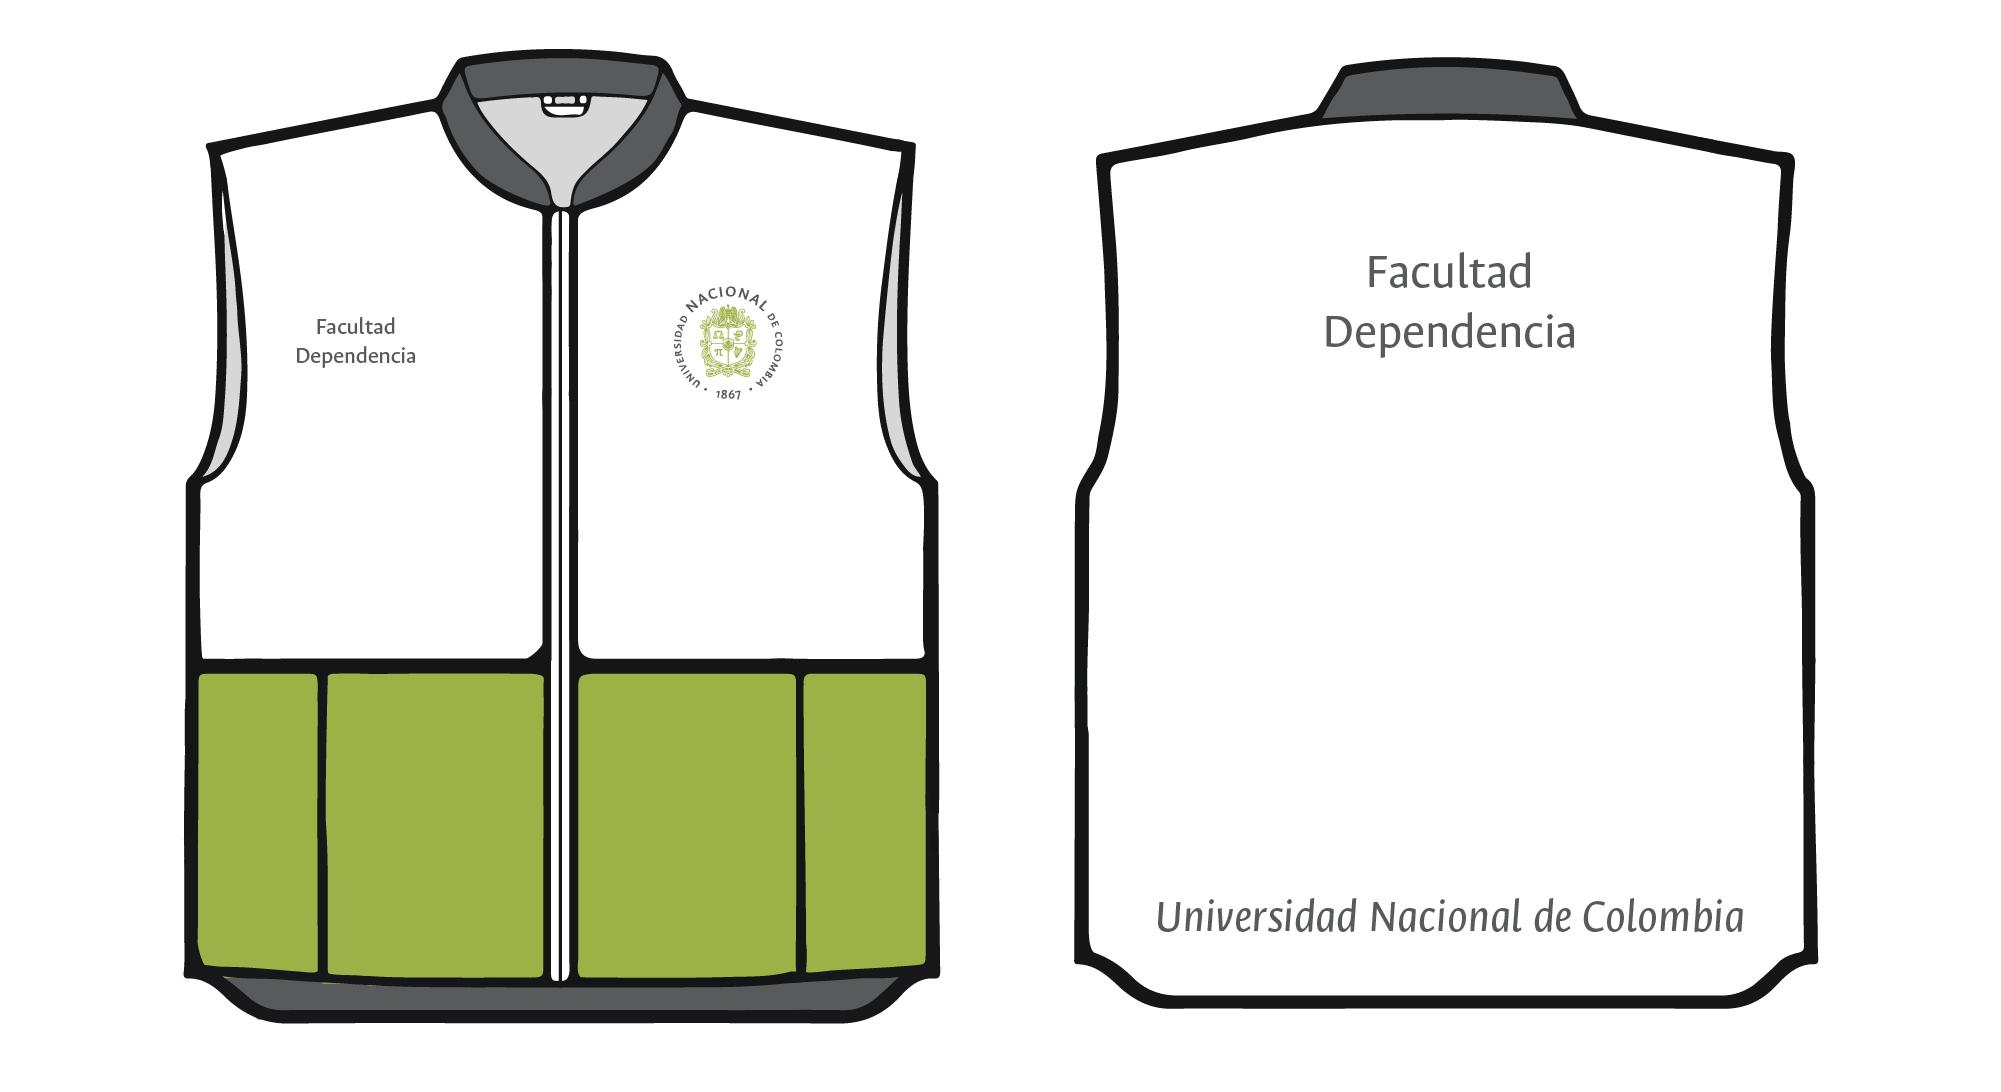 Aplicación del logosímbolo y firma institucional  en chaqueta, chalecos y camisas institucionales.  Logosímbolo circular verde (2 colores) sobre tela blanca.